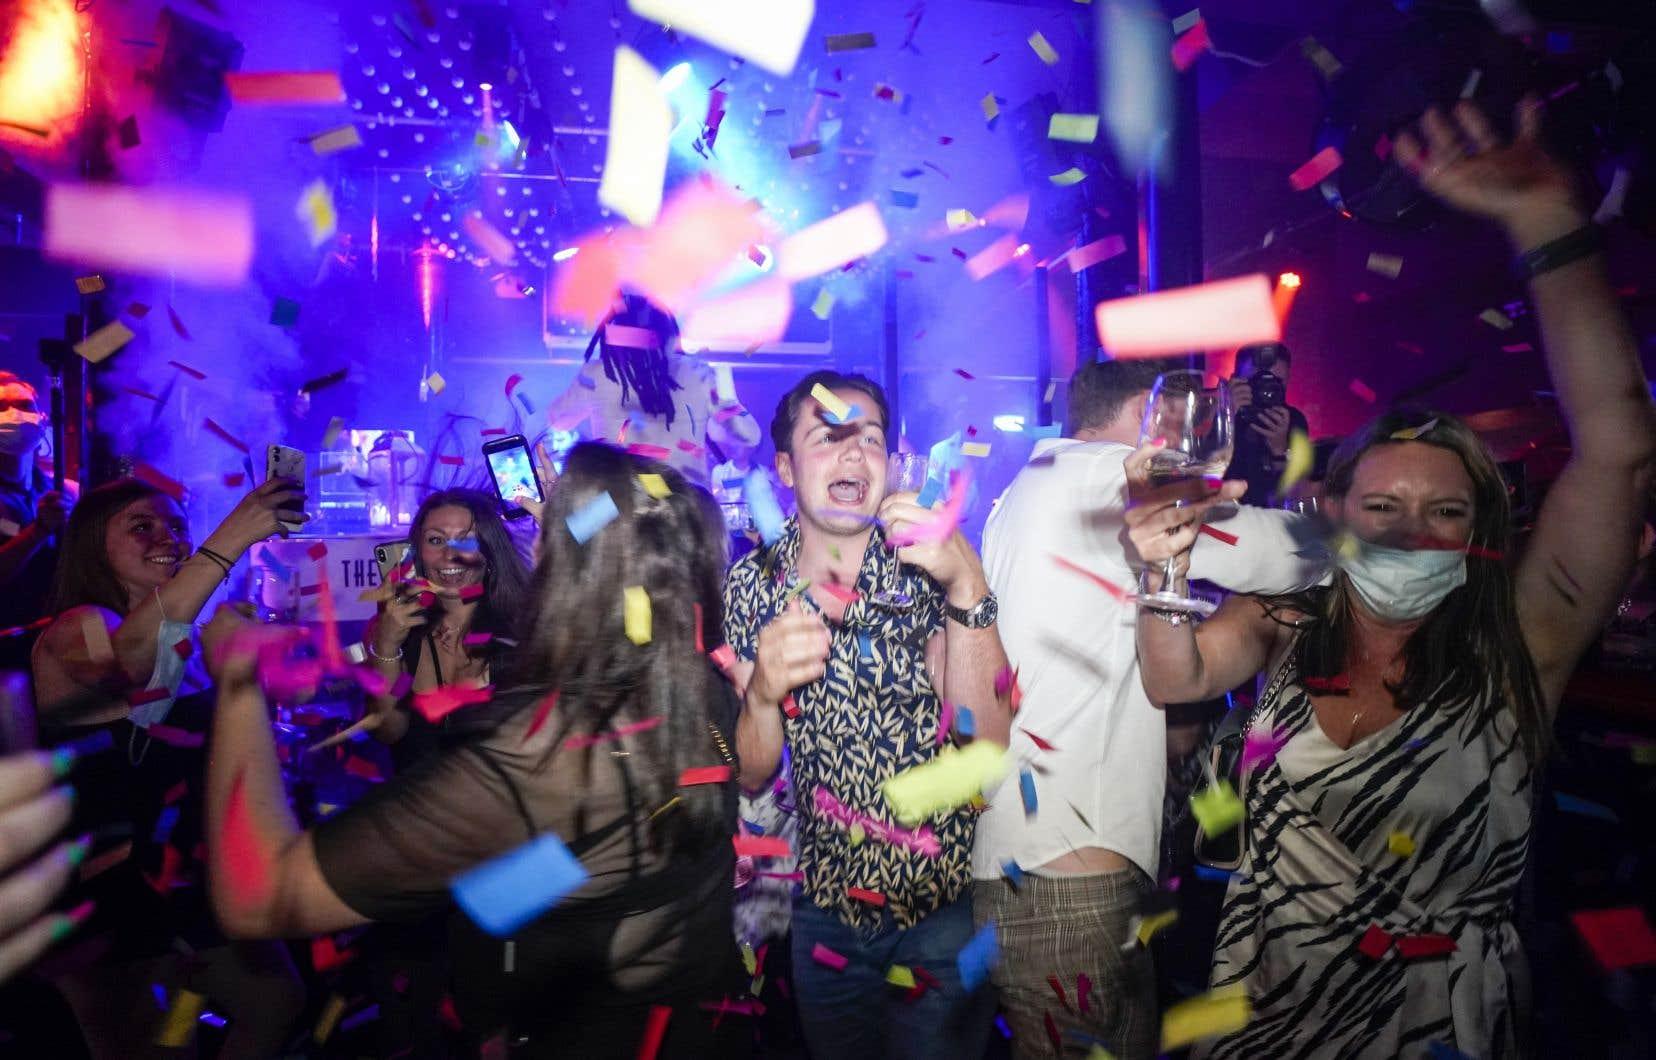 Les lieux de  divertissement peuvent  accueillir leur  clientèle sans restrictions, le service au bar peut reprendre  à l'intérieur des pubs, les limites aux rassemblements et la  distanciation physique sont désormais  caduques.